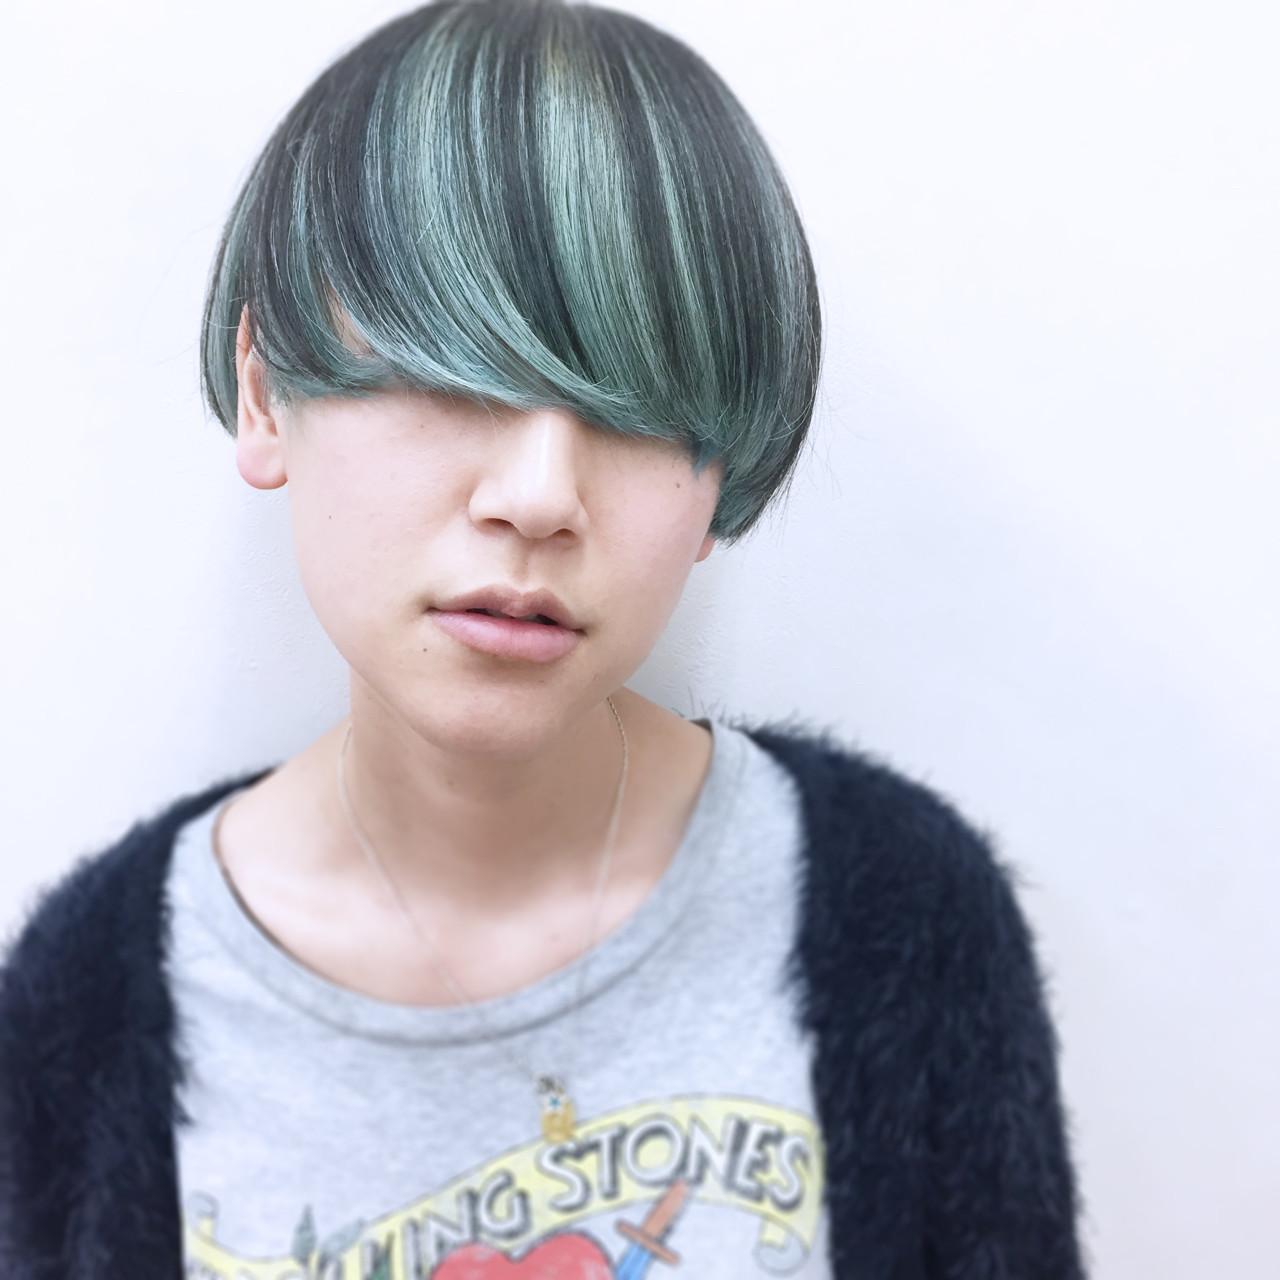 ストレート ショート ローライト ハイトーン ヘアスタイルや髪型の写真・画像